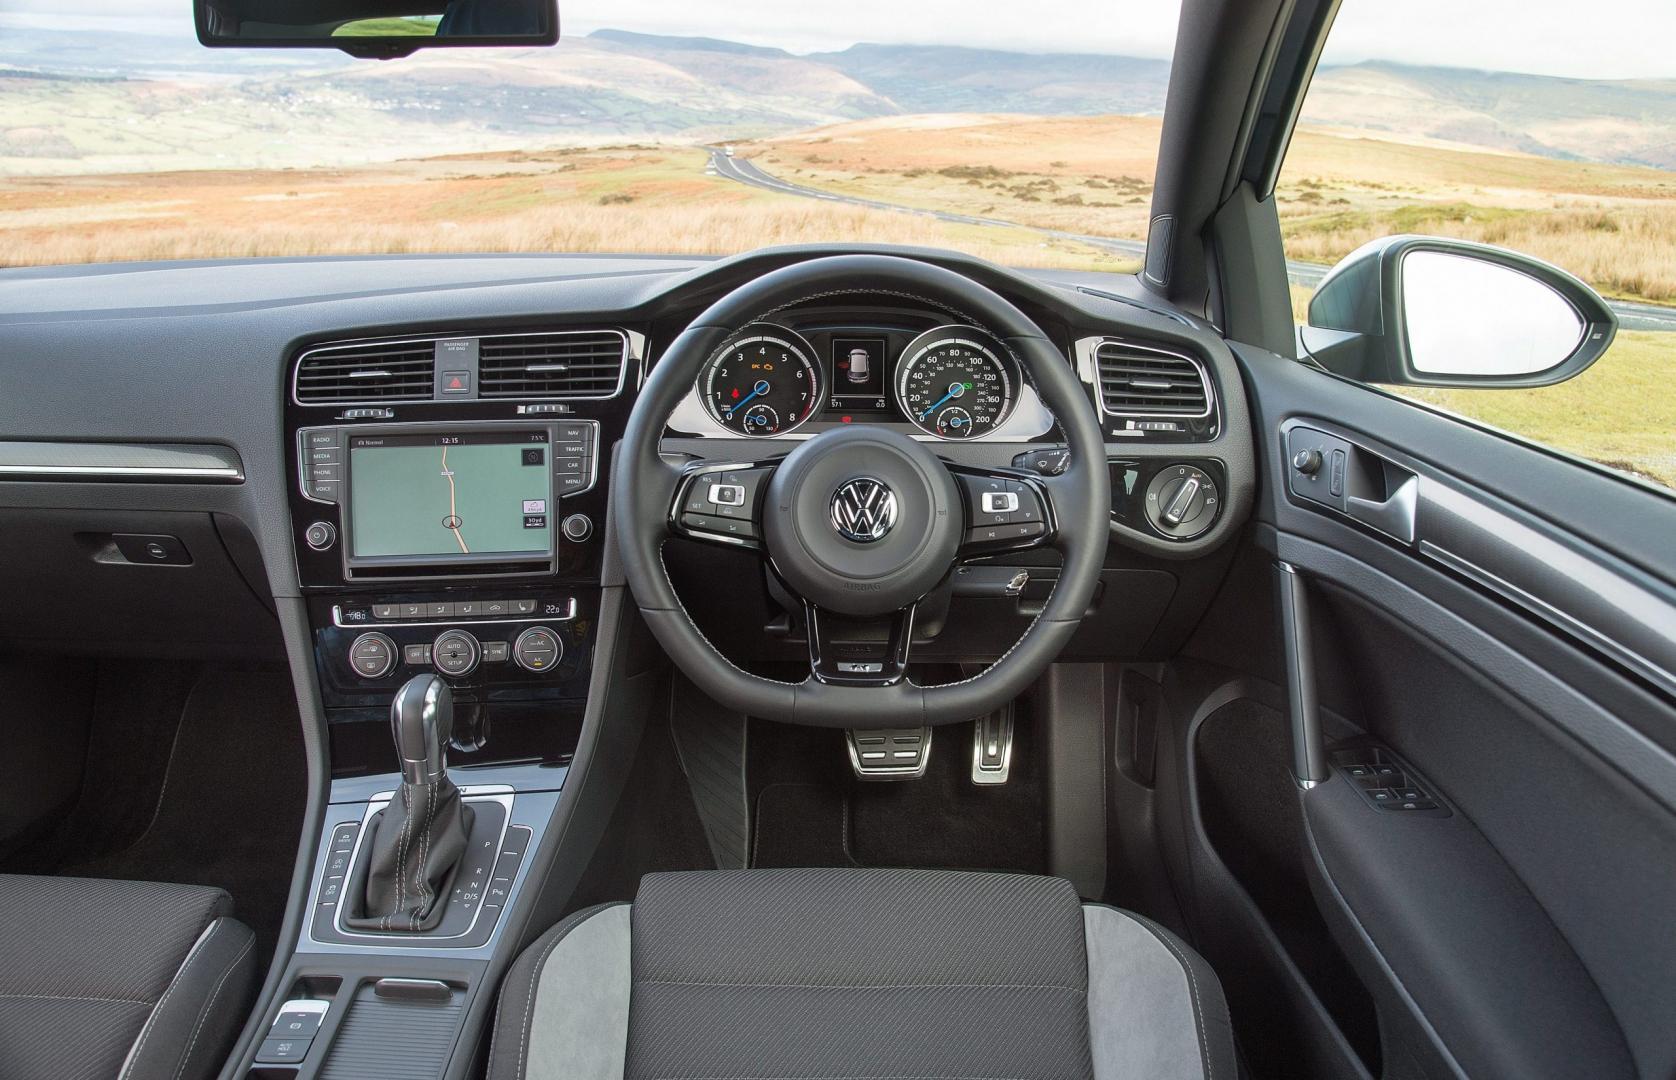 Volkswagen Golf R Interieur 2014